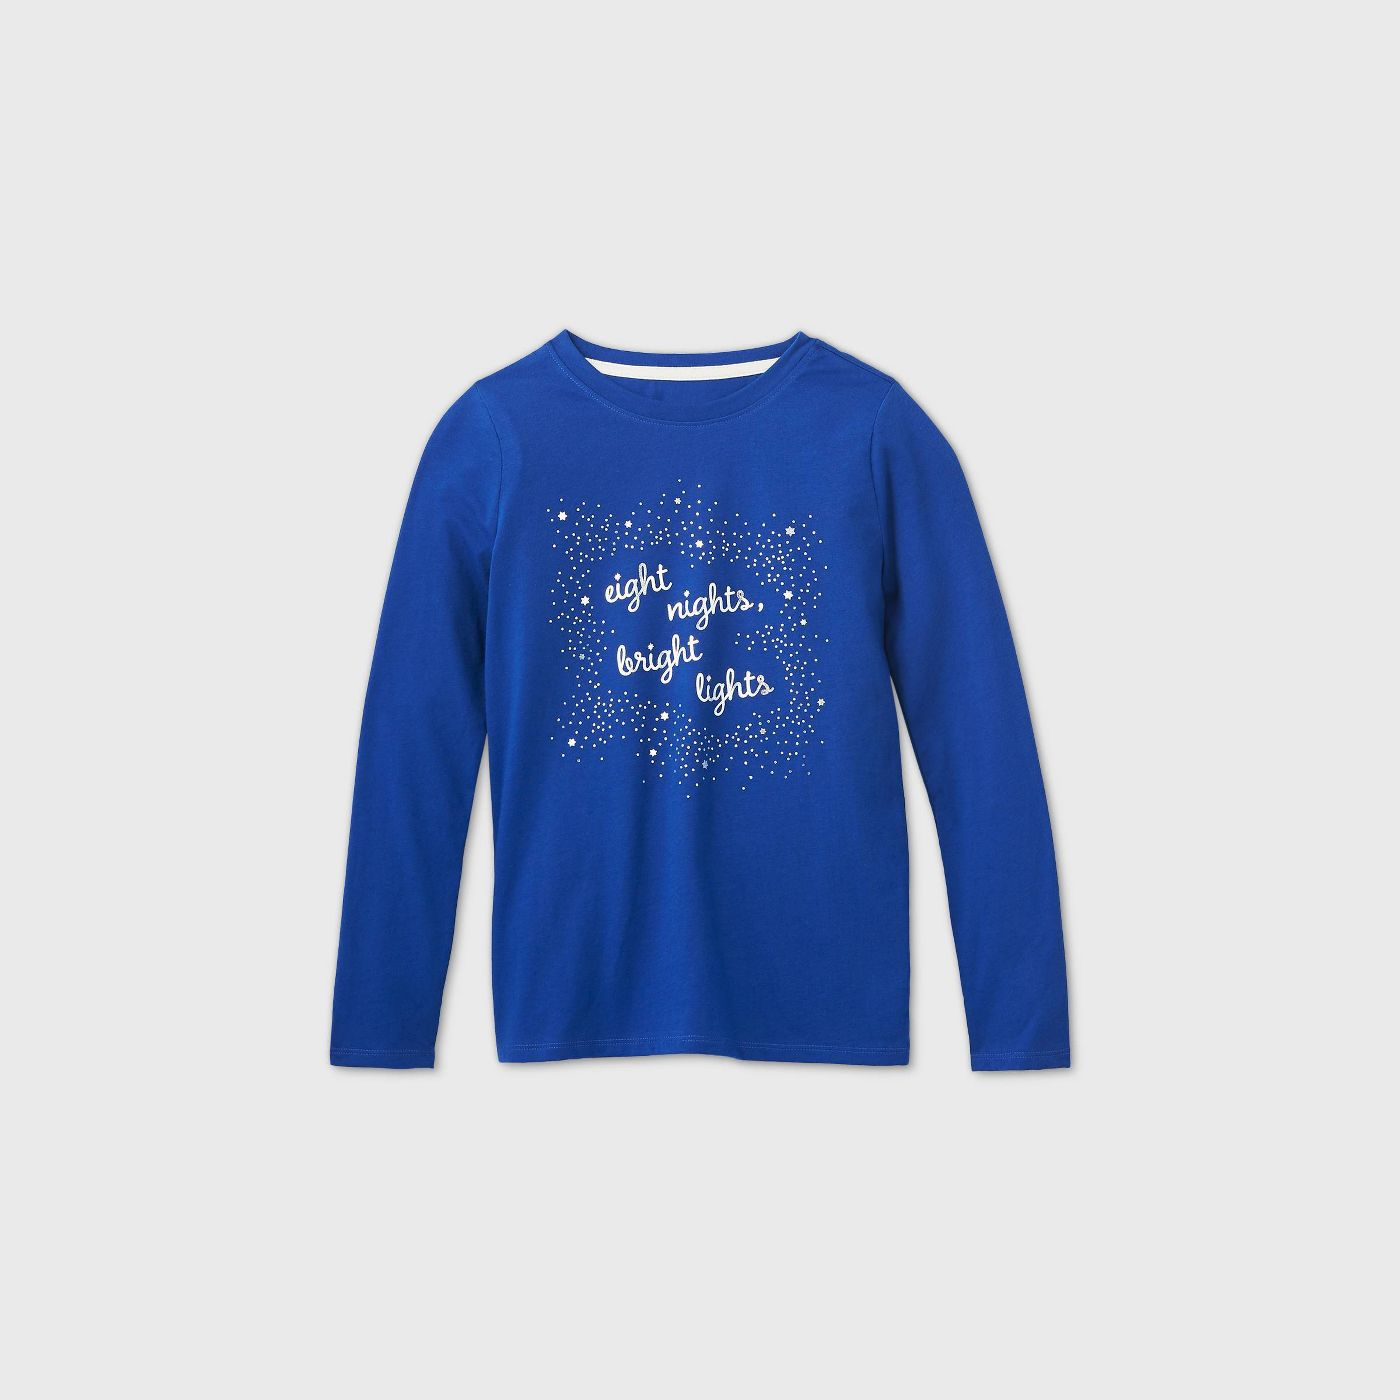 Target Hanukkah shirt